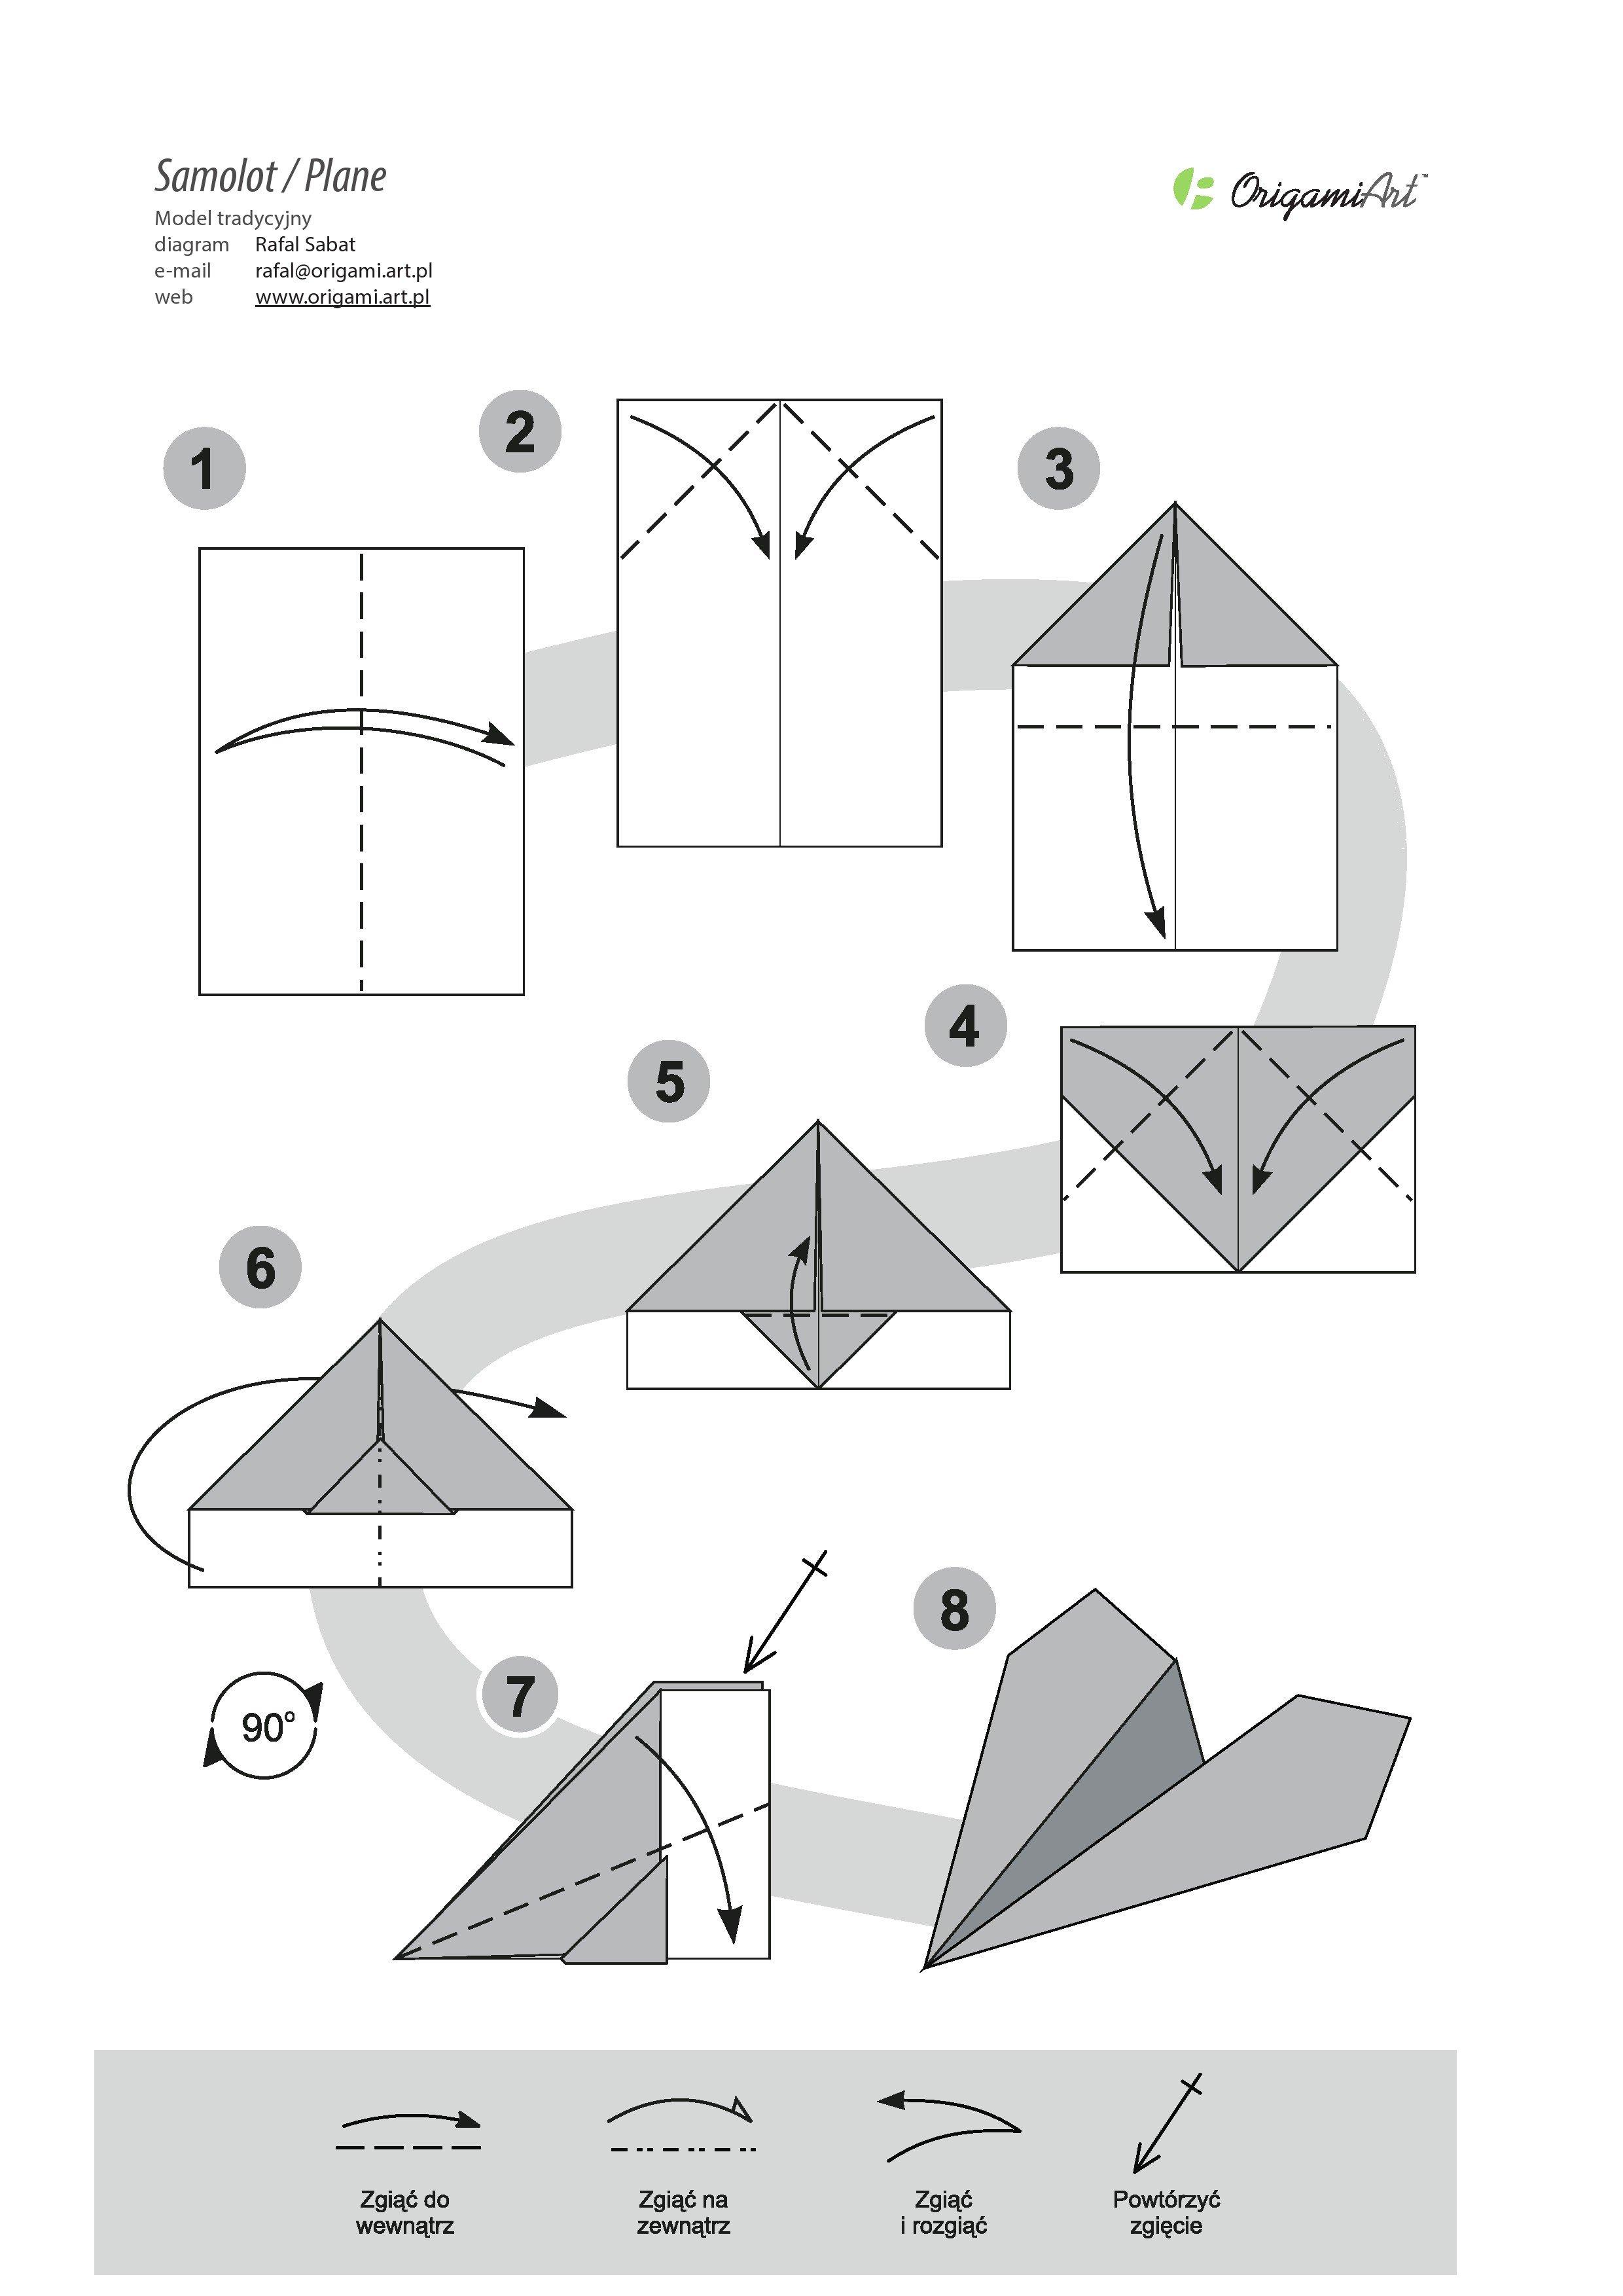 Samolot - tradycyjny model origami